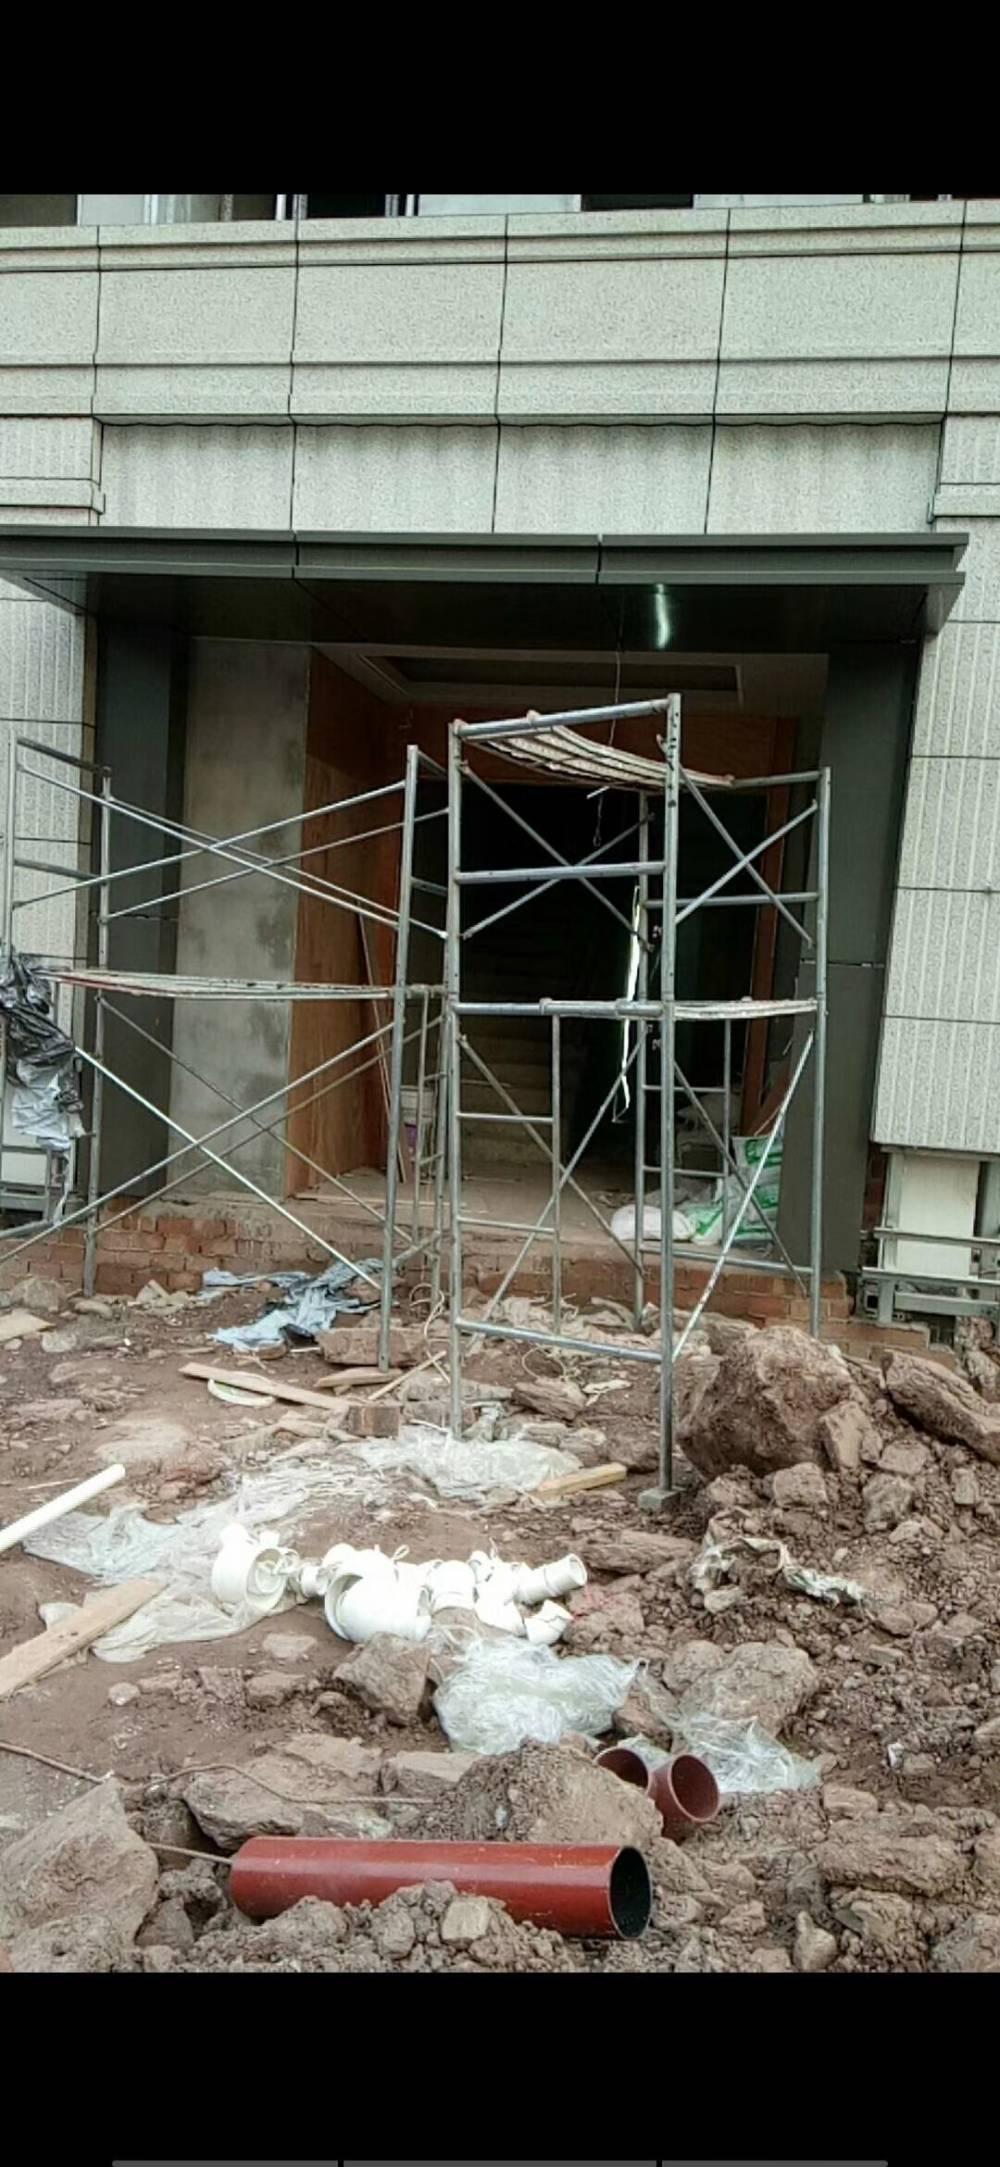 供应德普龙平面 异形无锡户外幕墙铝单板 铝板厂家